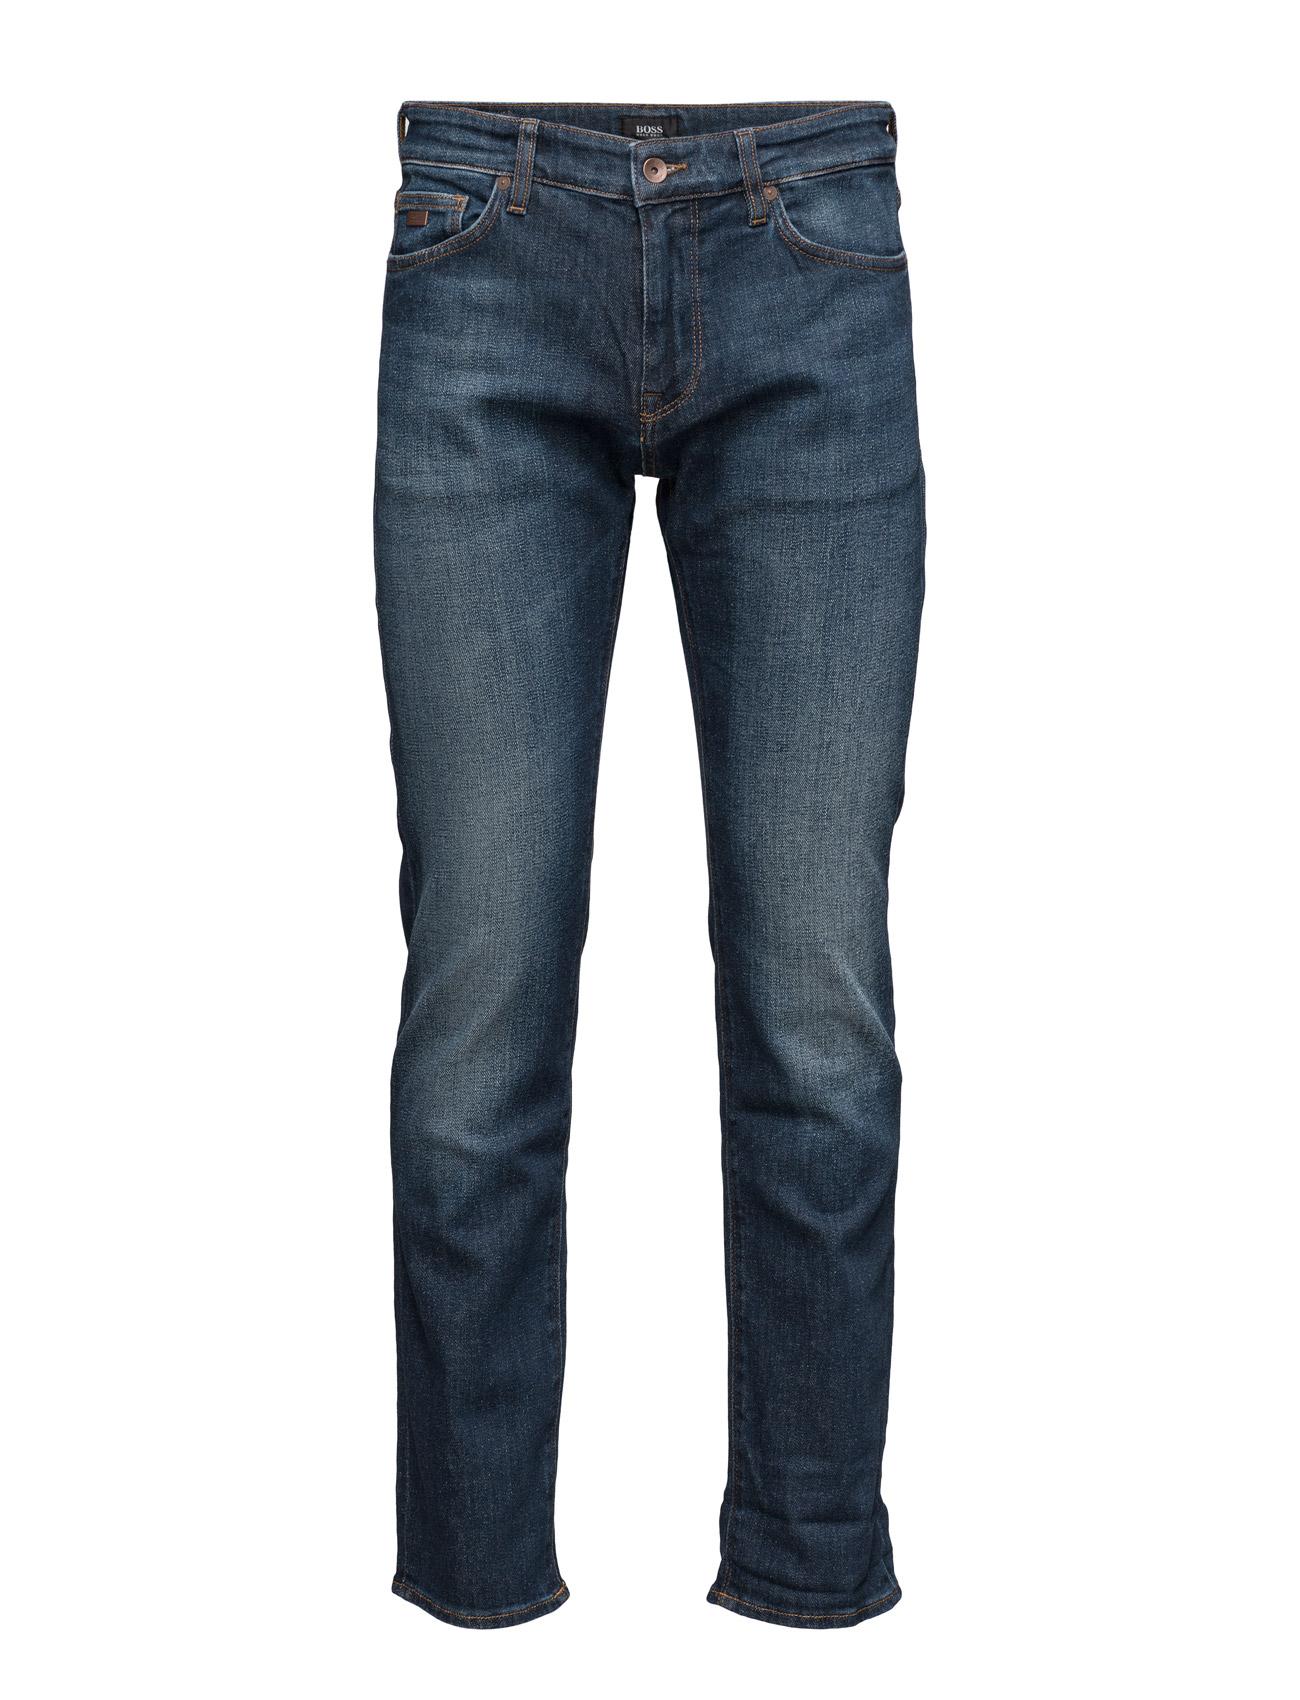 Maine3 BOSS Jeans til Mænd i